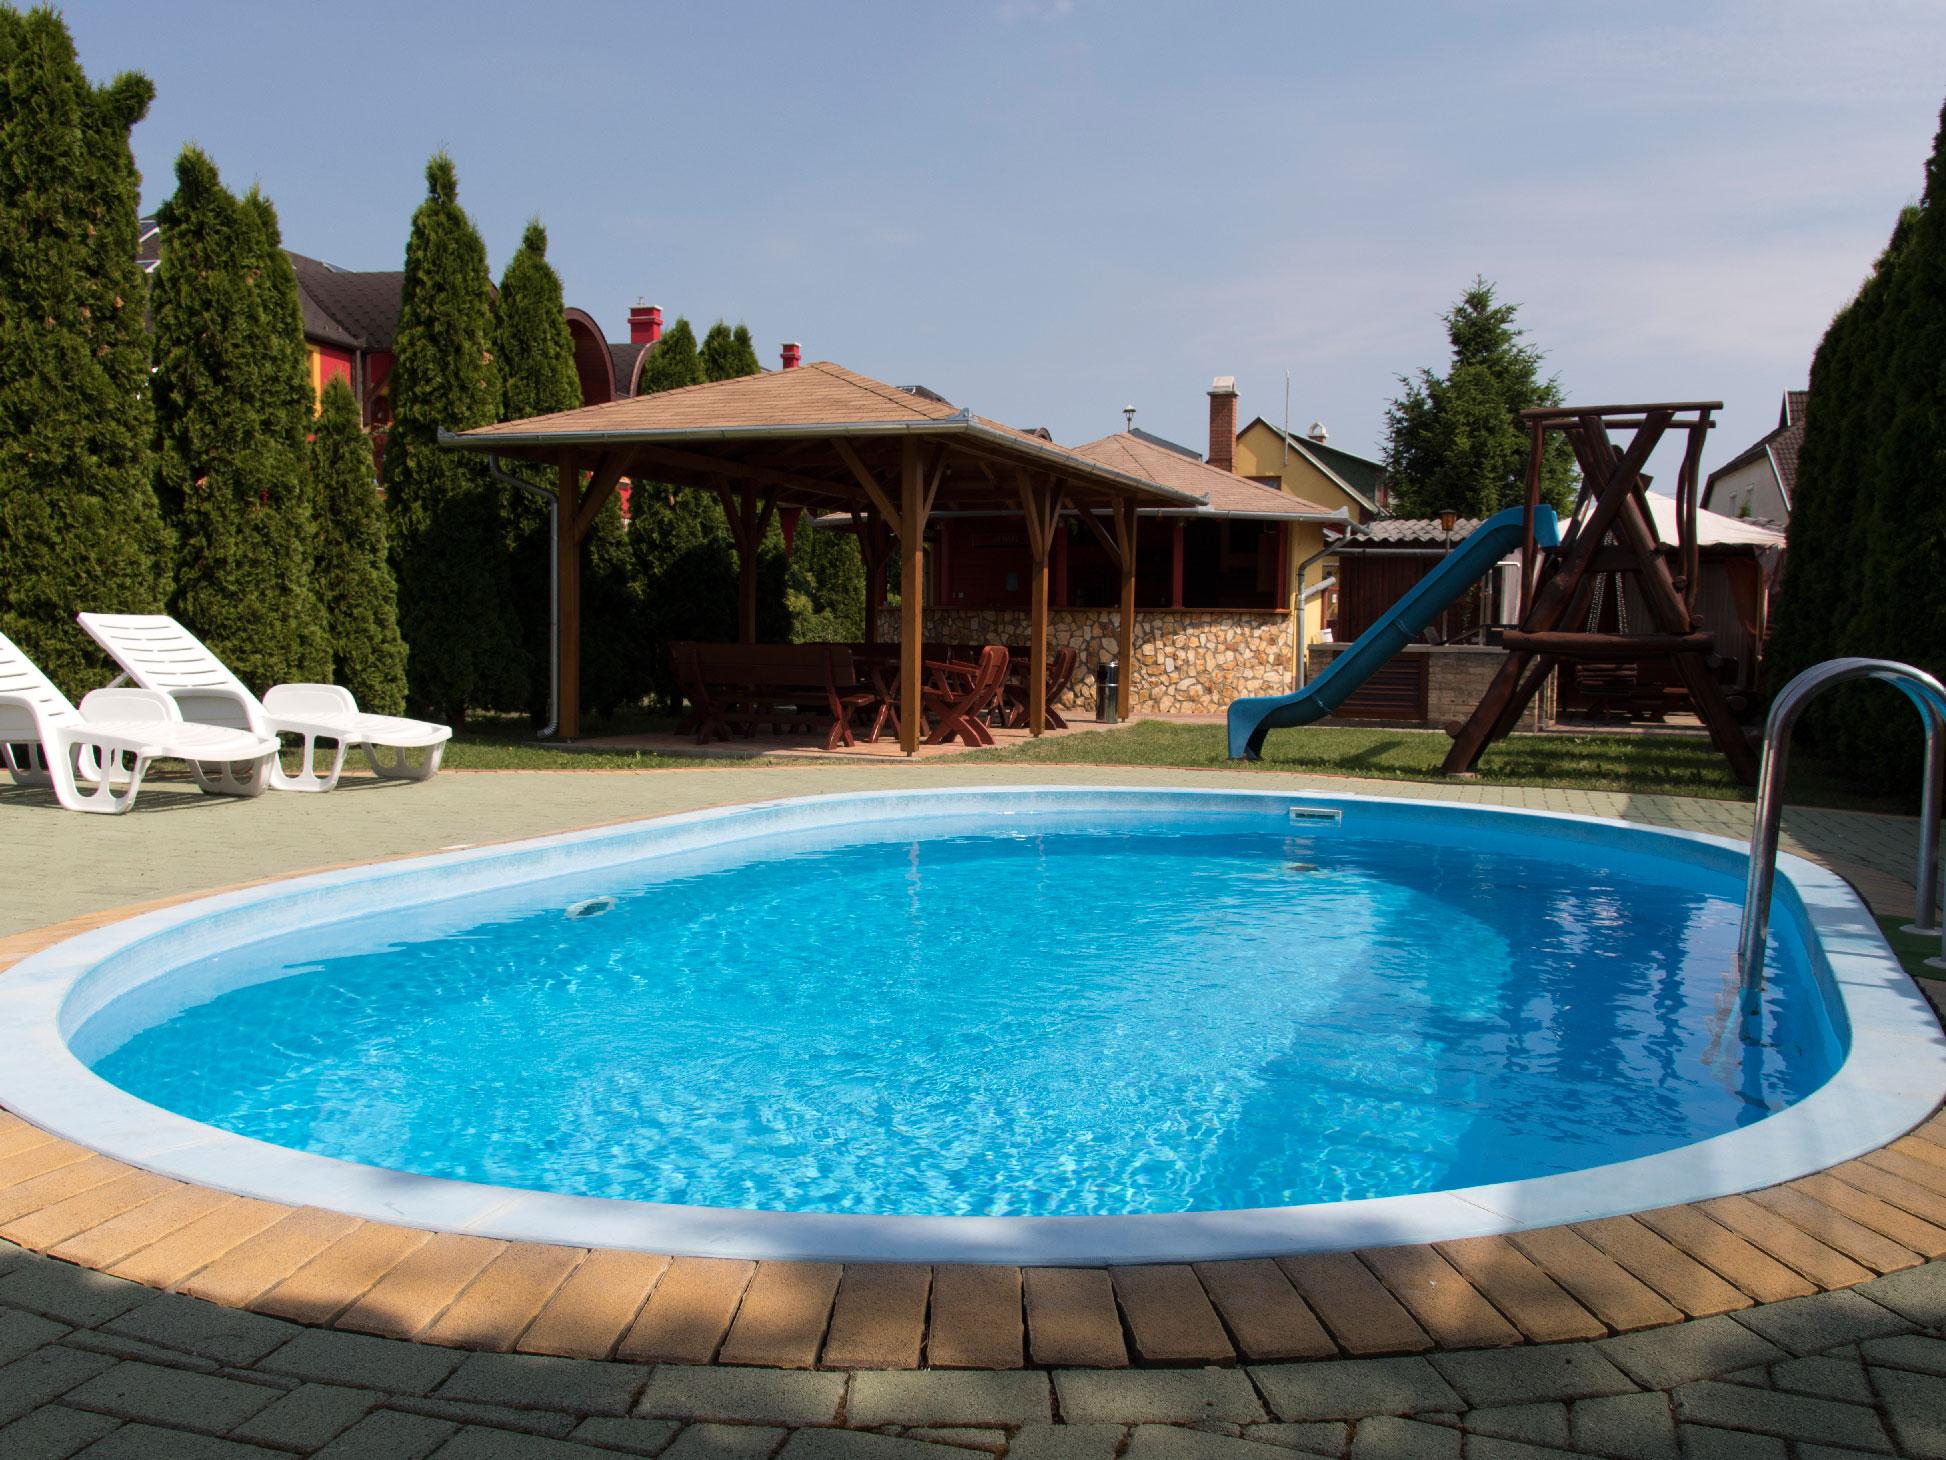 Aladdin apartman basen i ogr d for Garden swimming pool b q